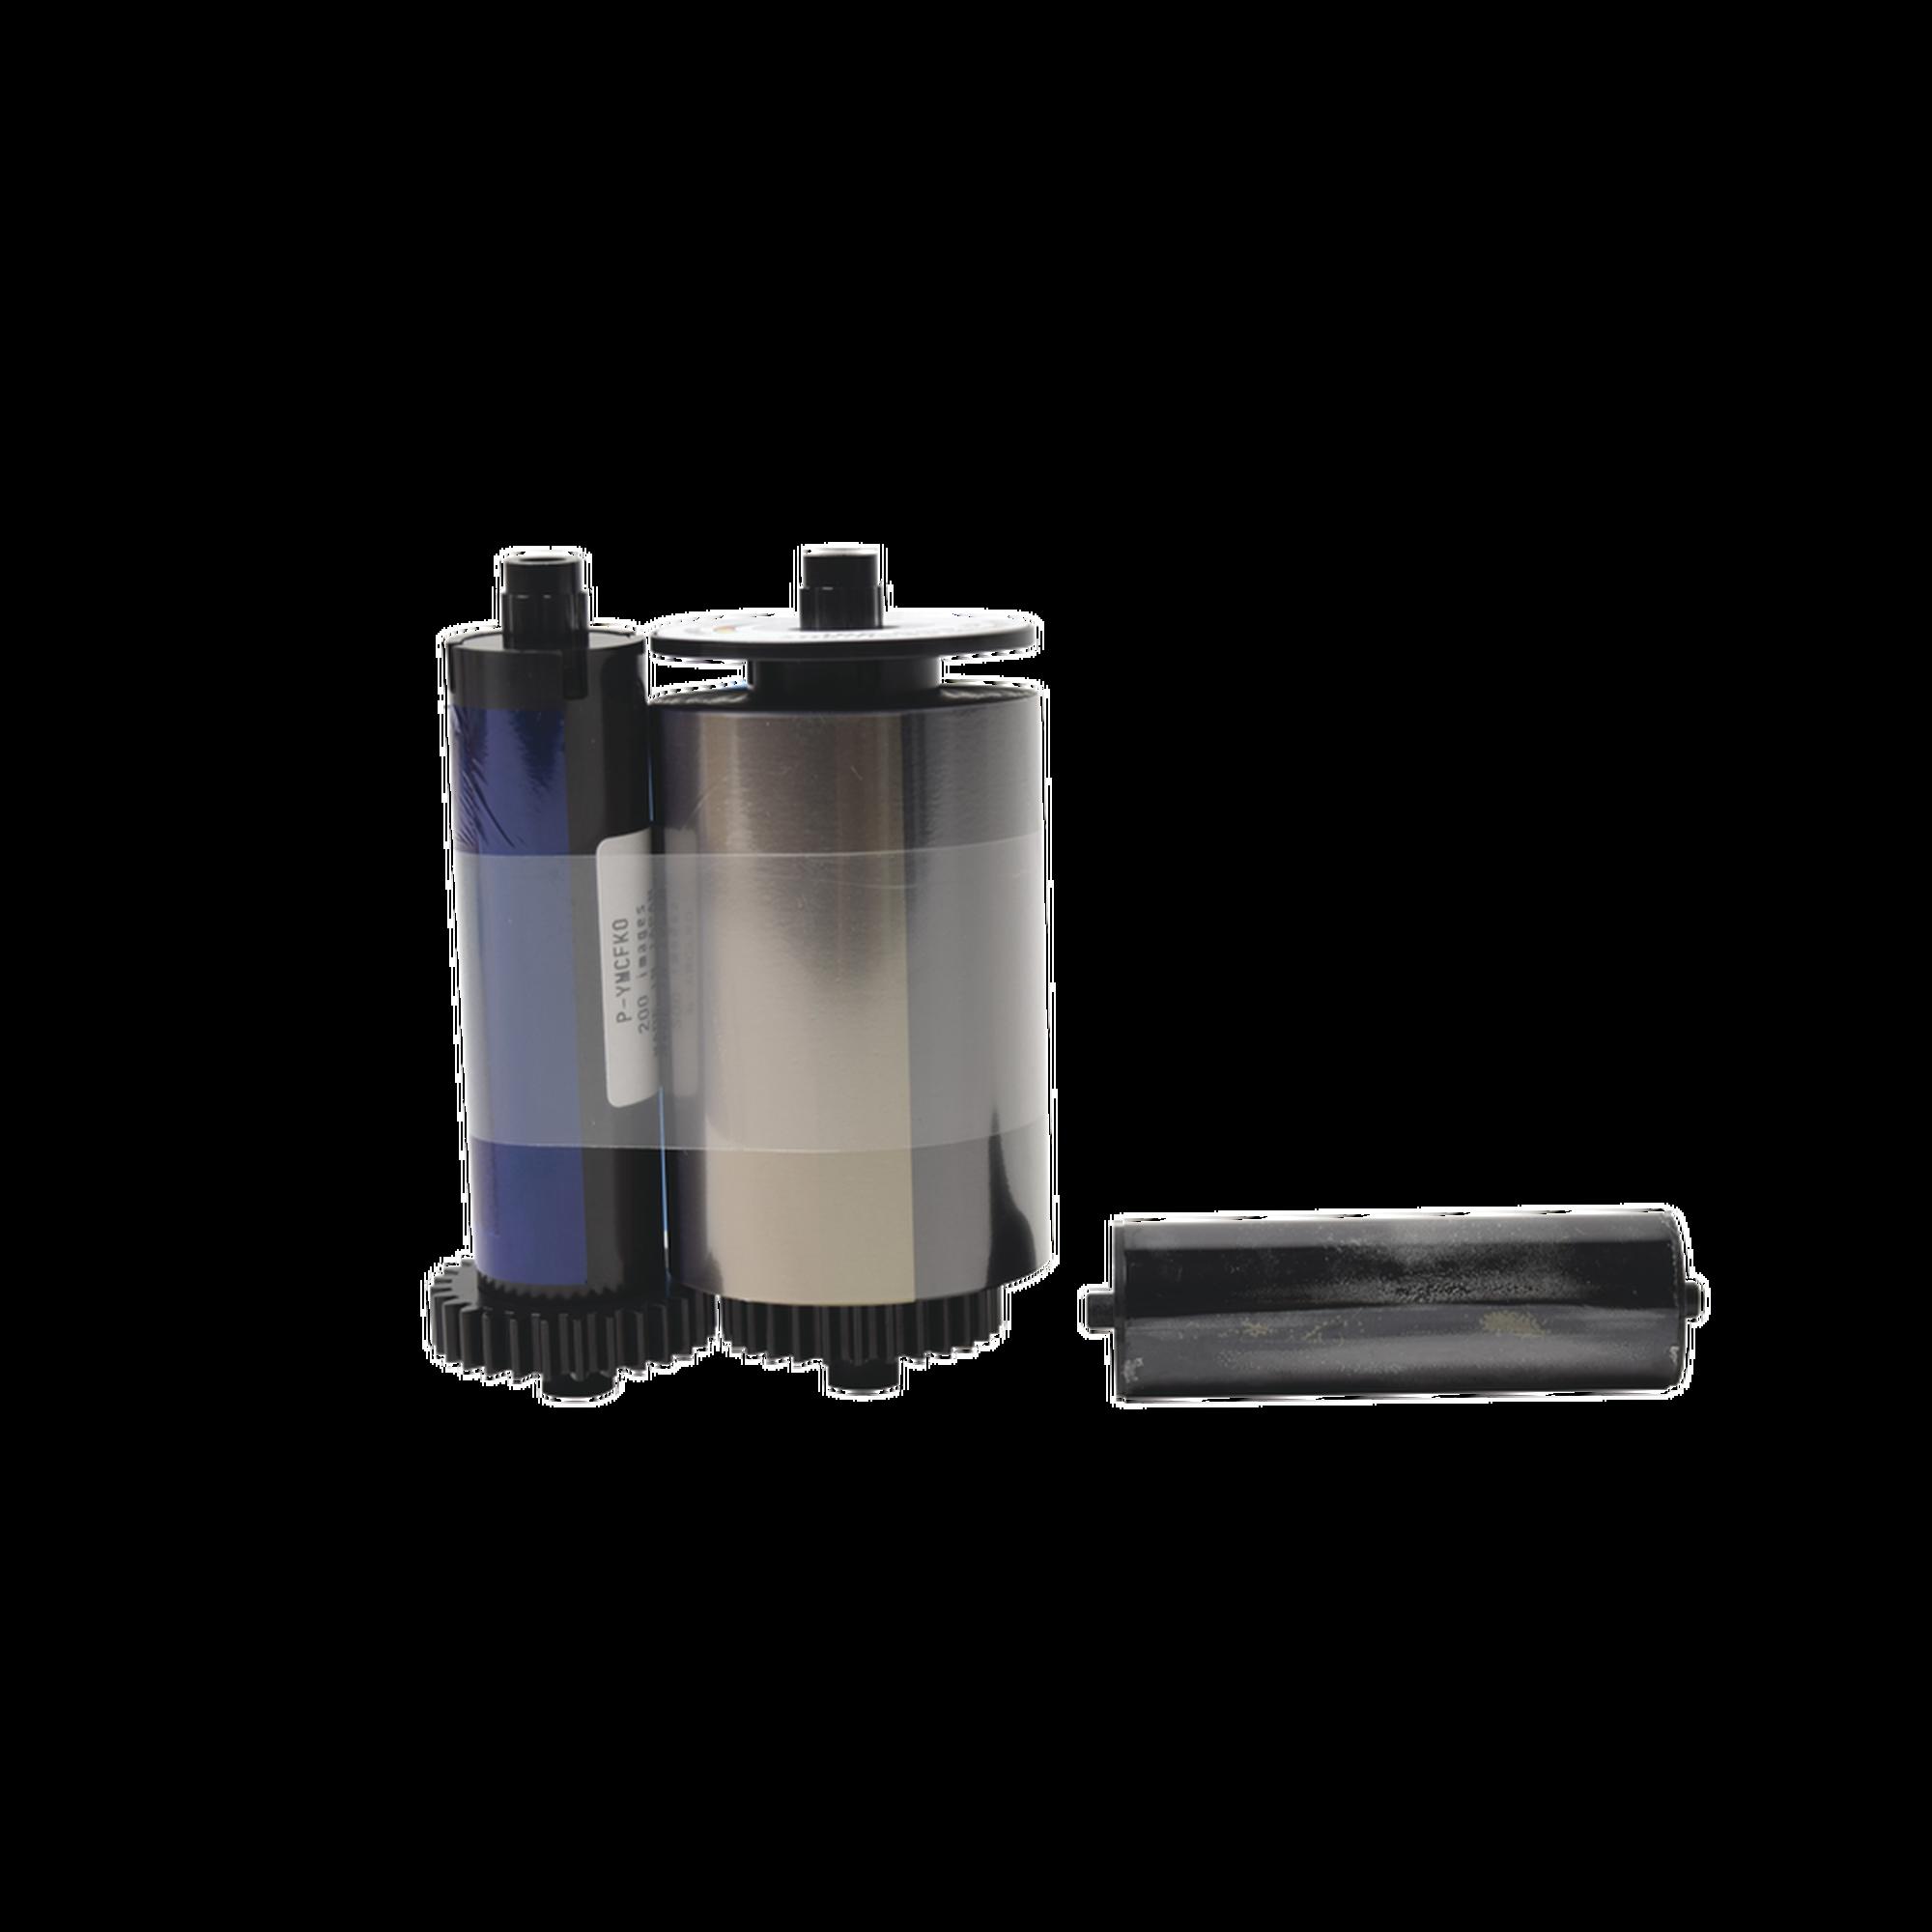 Ribbon YMCFKO para SMART51, 31/ Impresión Ultravioleta / Rendimiento de 200 impresiones